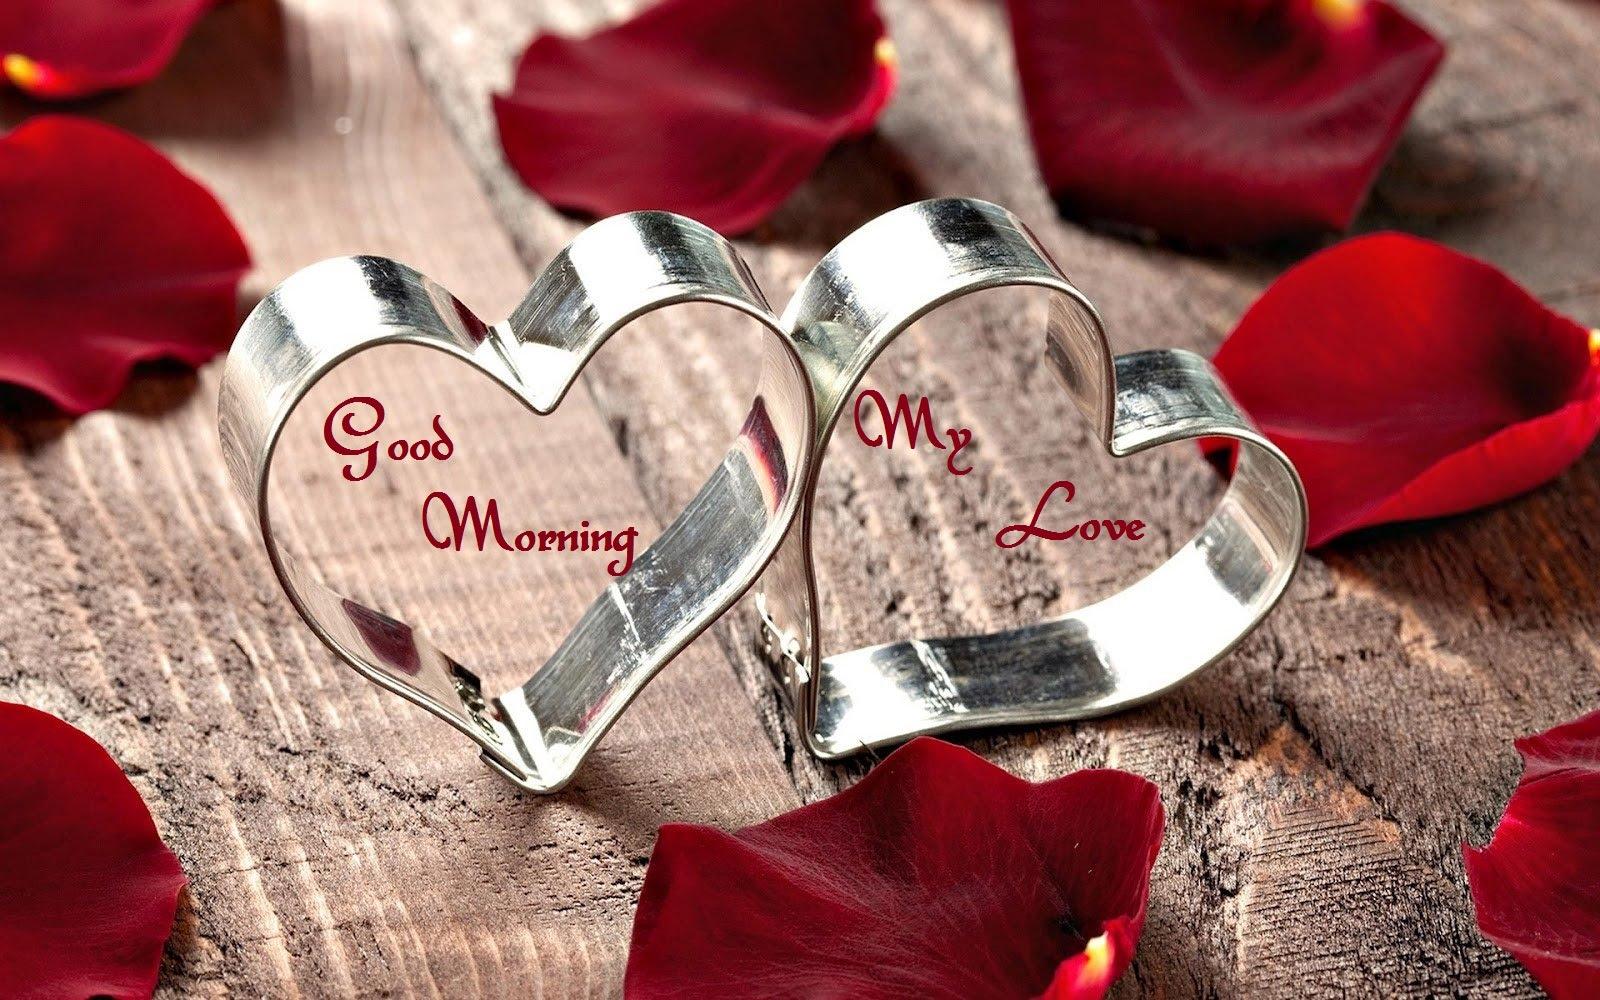 بالصور رسالة حب صباحية , رسايل صباحية رومانسية للجوال 2583